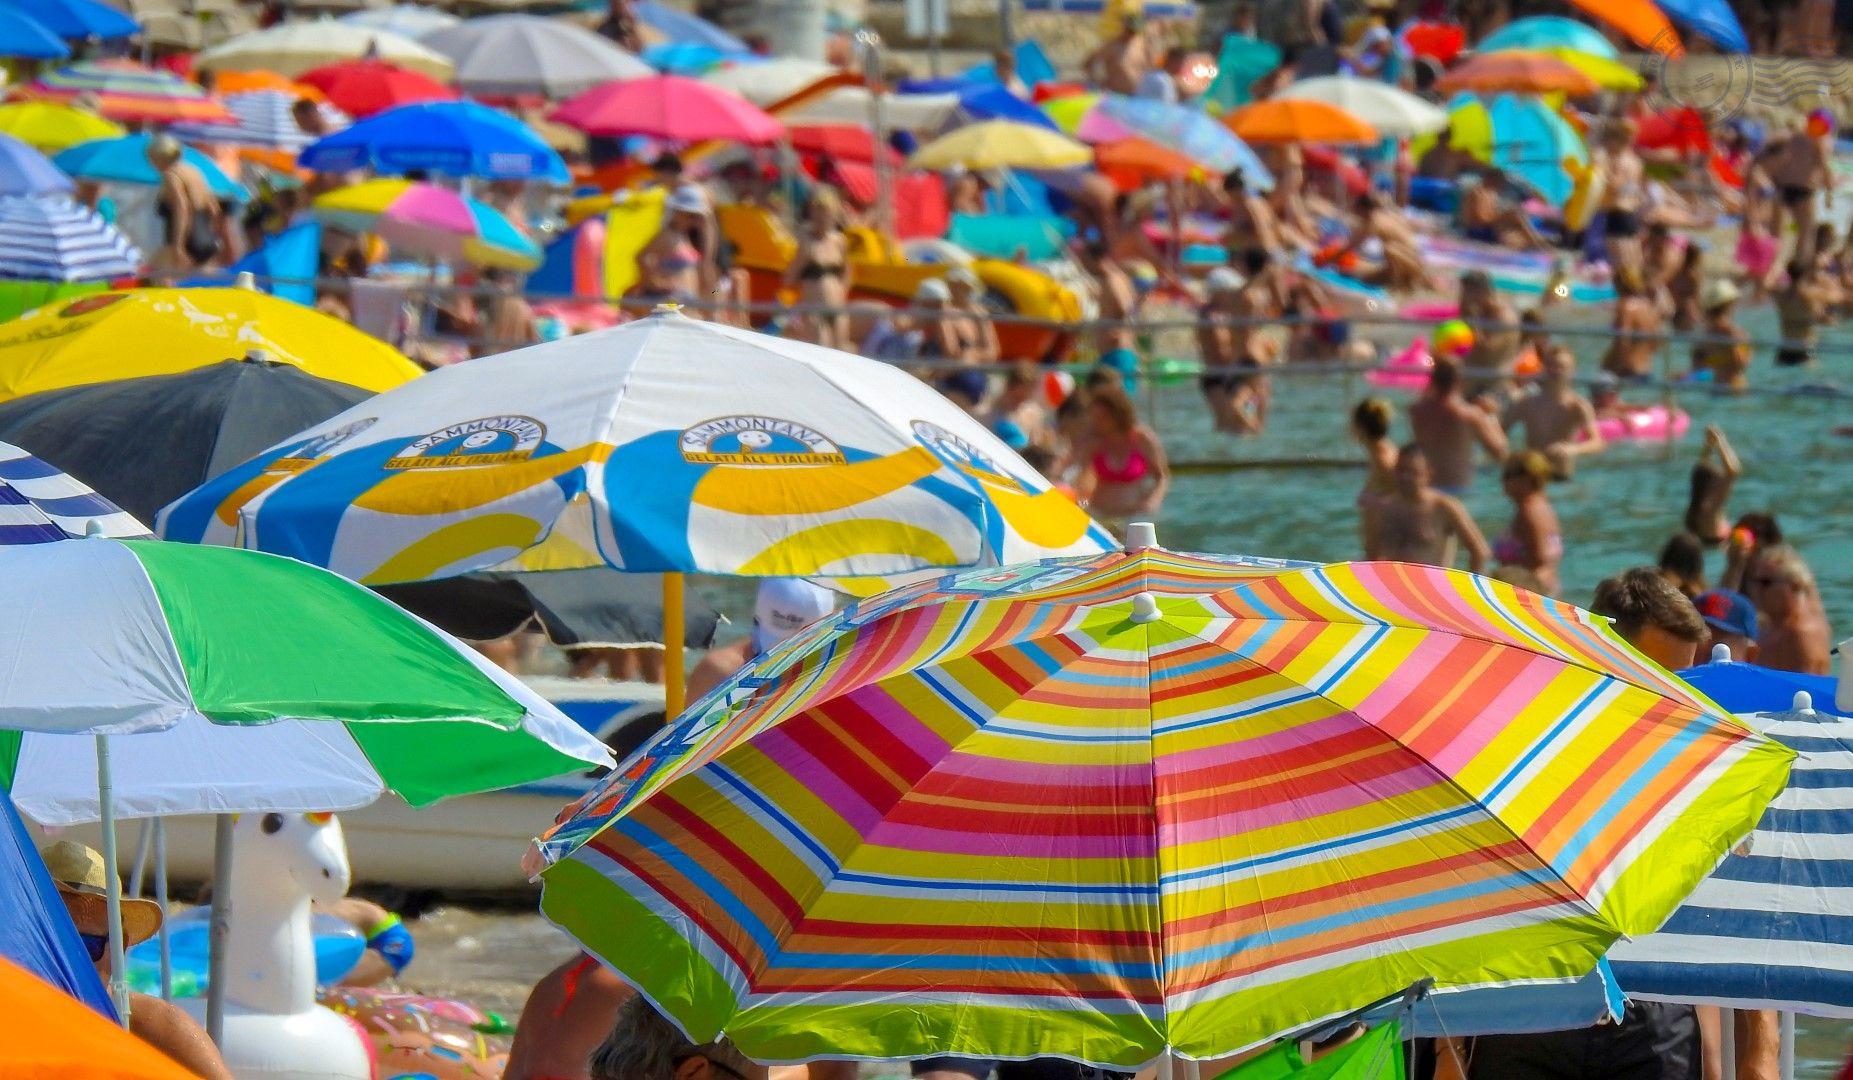 Croatia, Krk Island, Baska beach